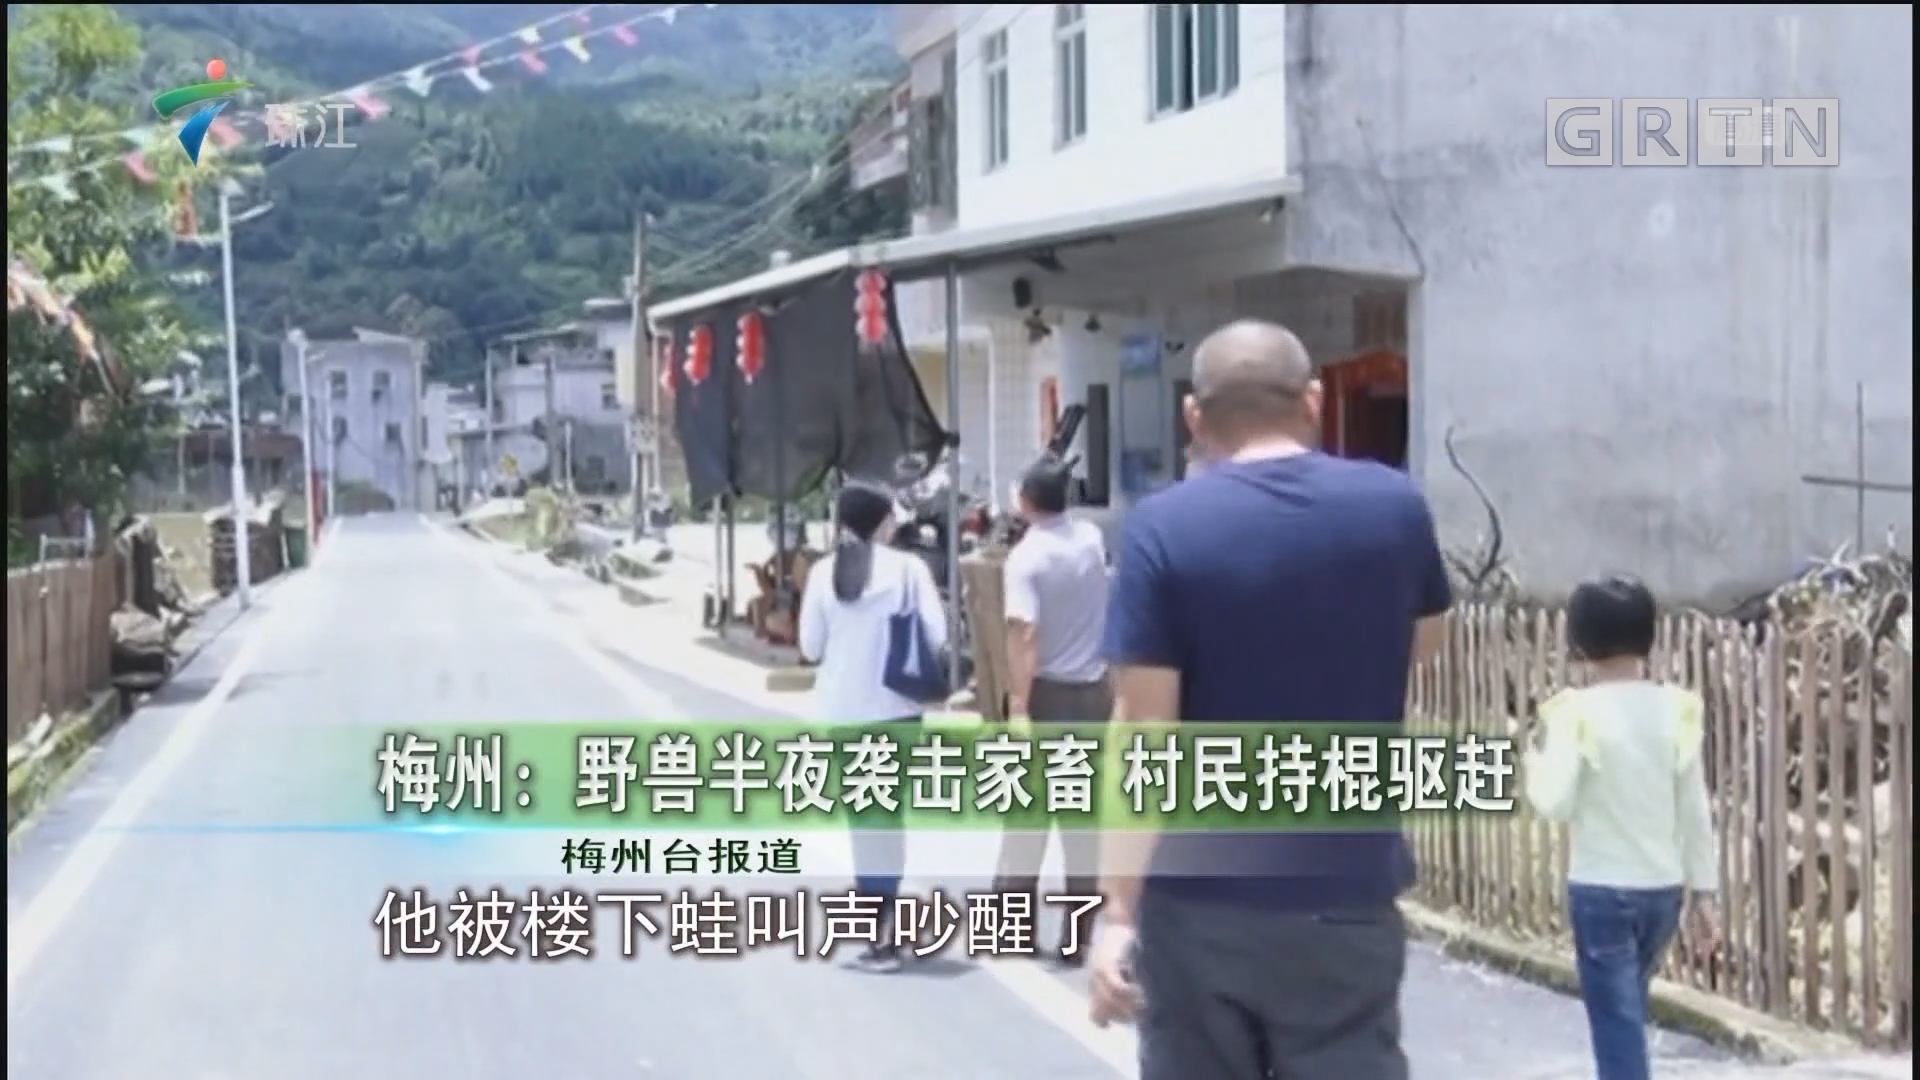 梅州:野兽半夜袭击家畜 村民持棍驱赶